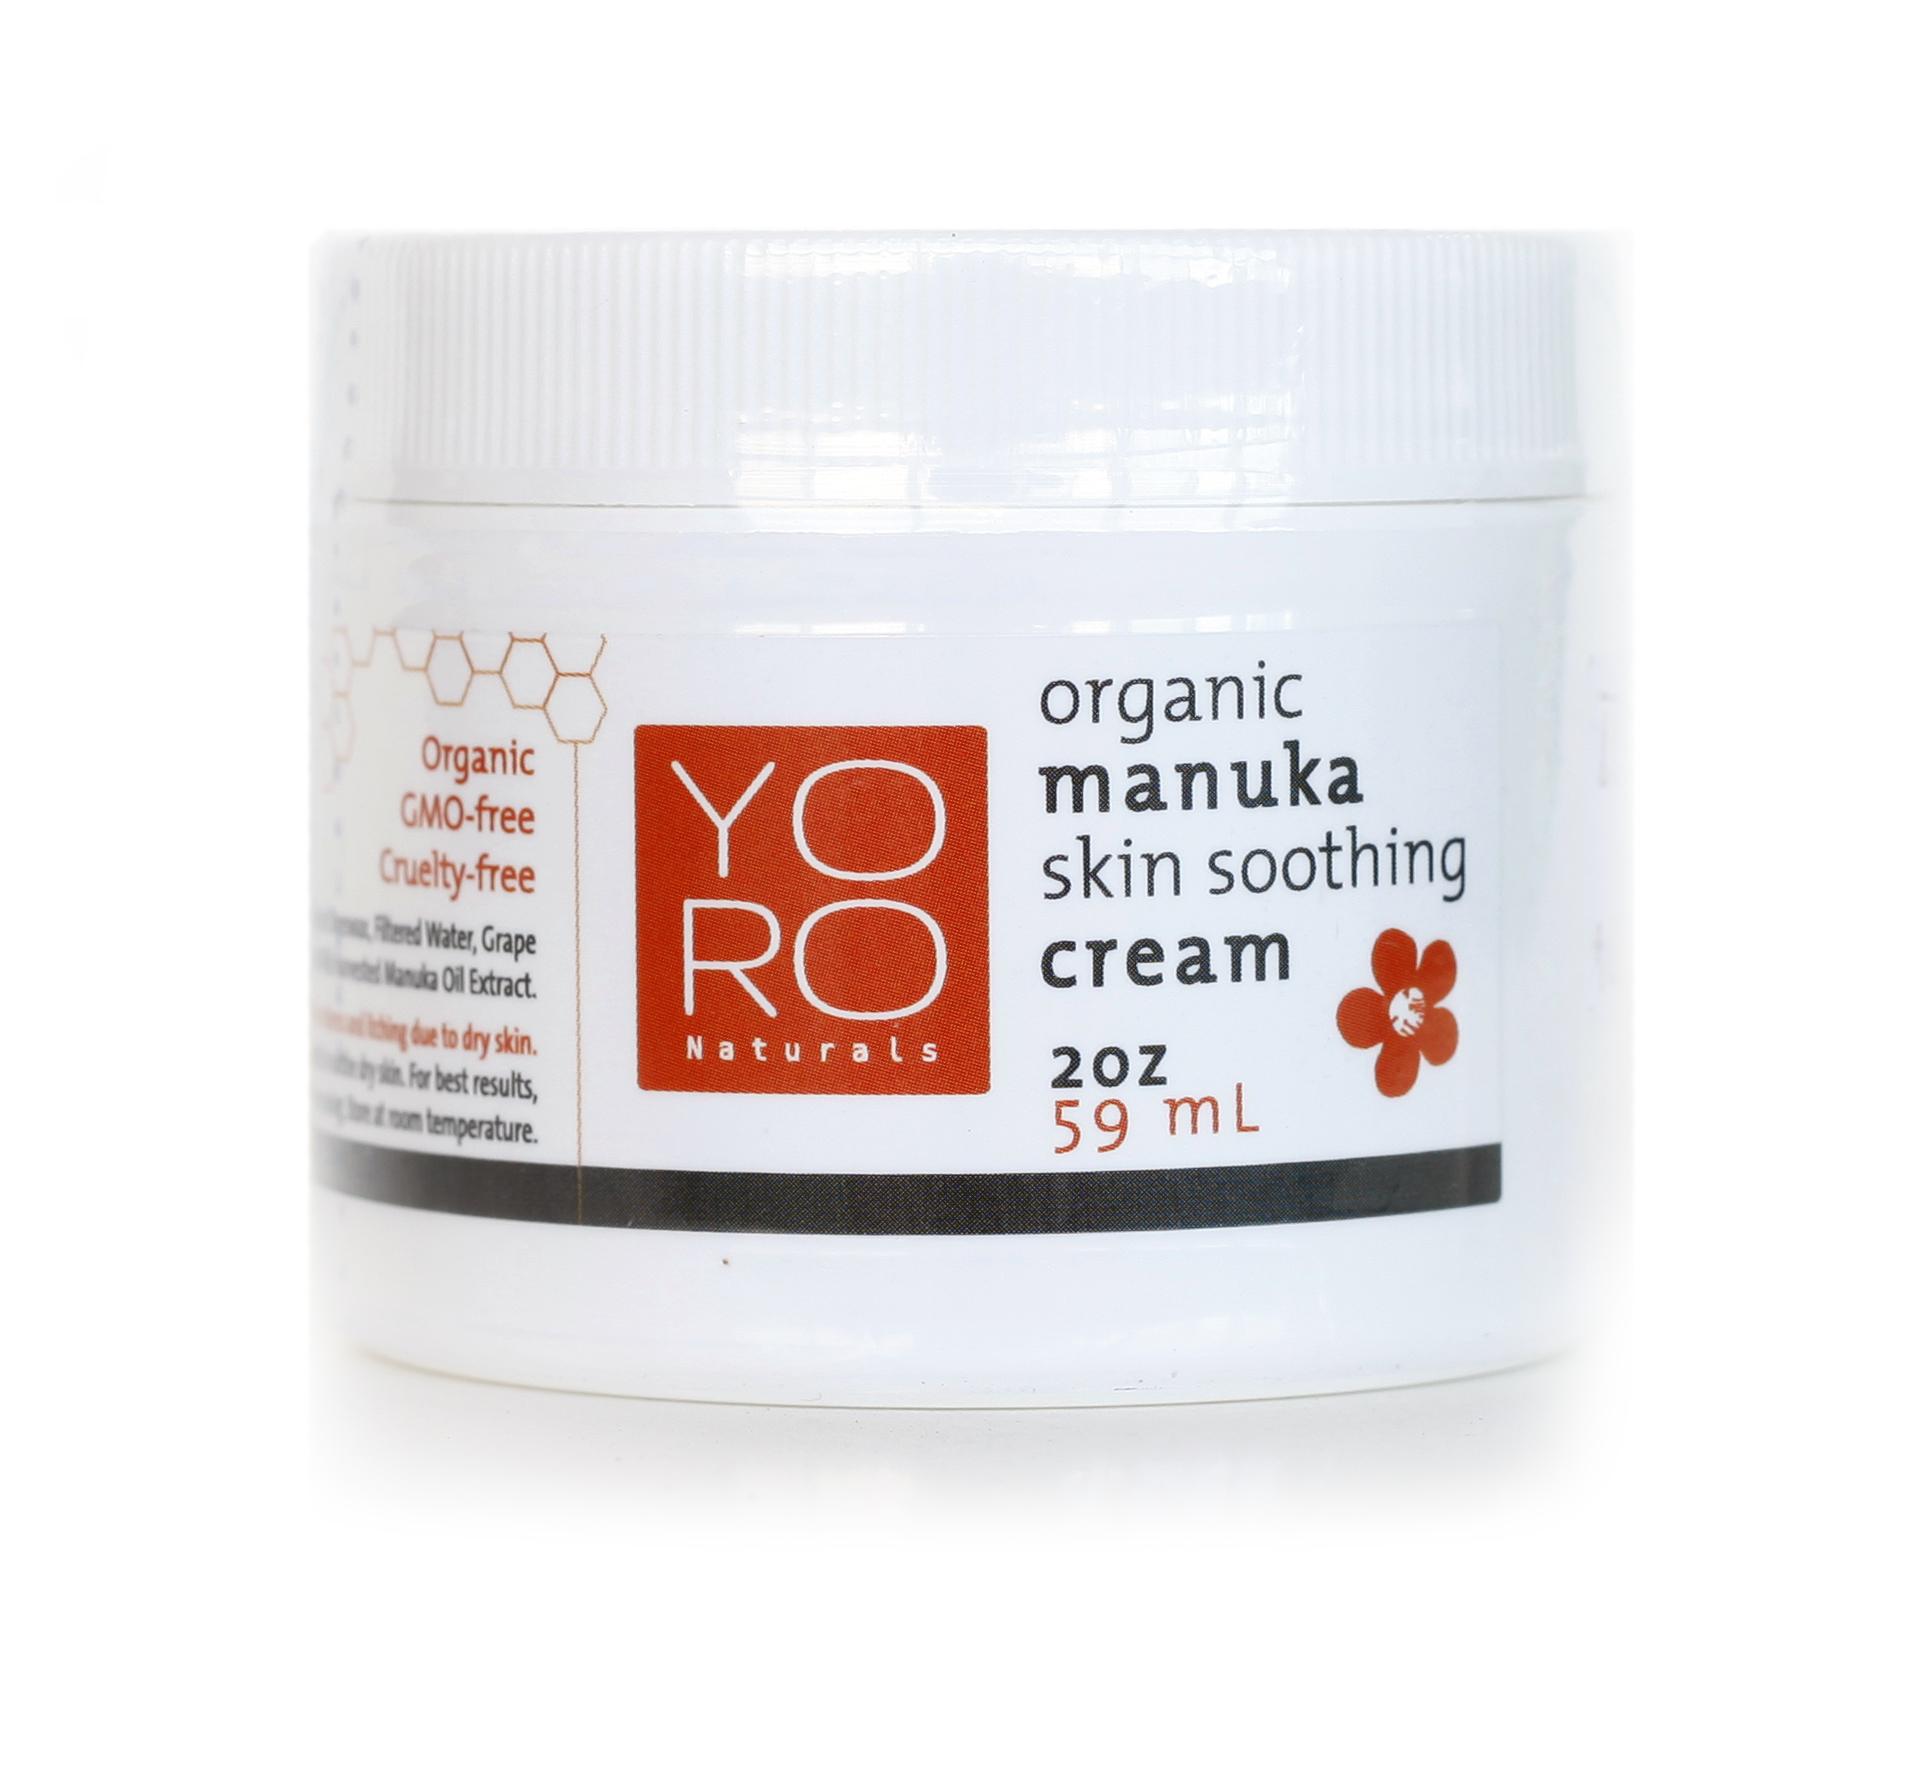 organic-manuka-skin-soothing-cream-1